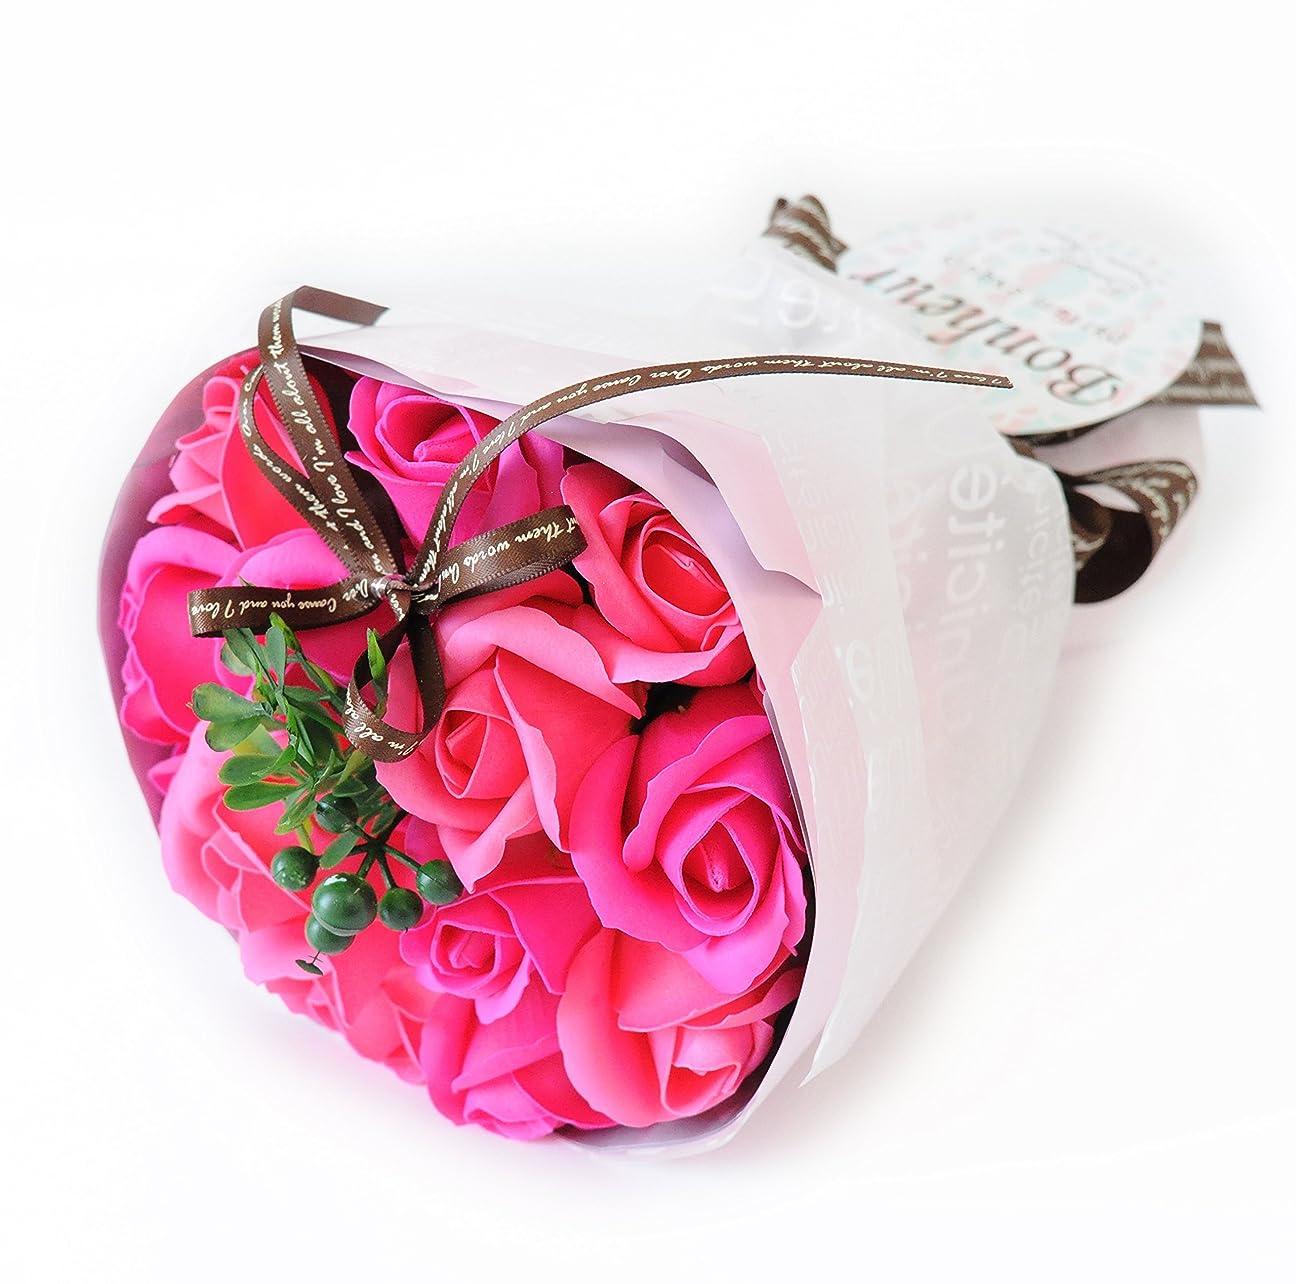 レンズ違反する不可能なフラワーマーケット花由 ソープフラワー アロマローズブーケ ビューティー シャボンフラワー フラワーソープ